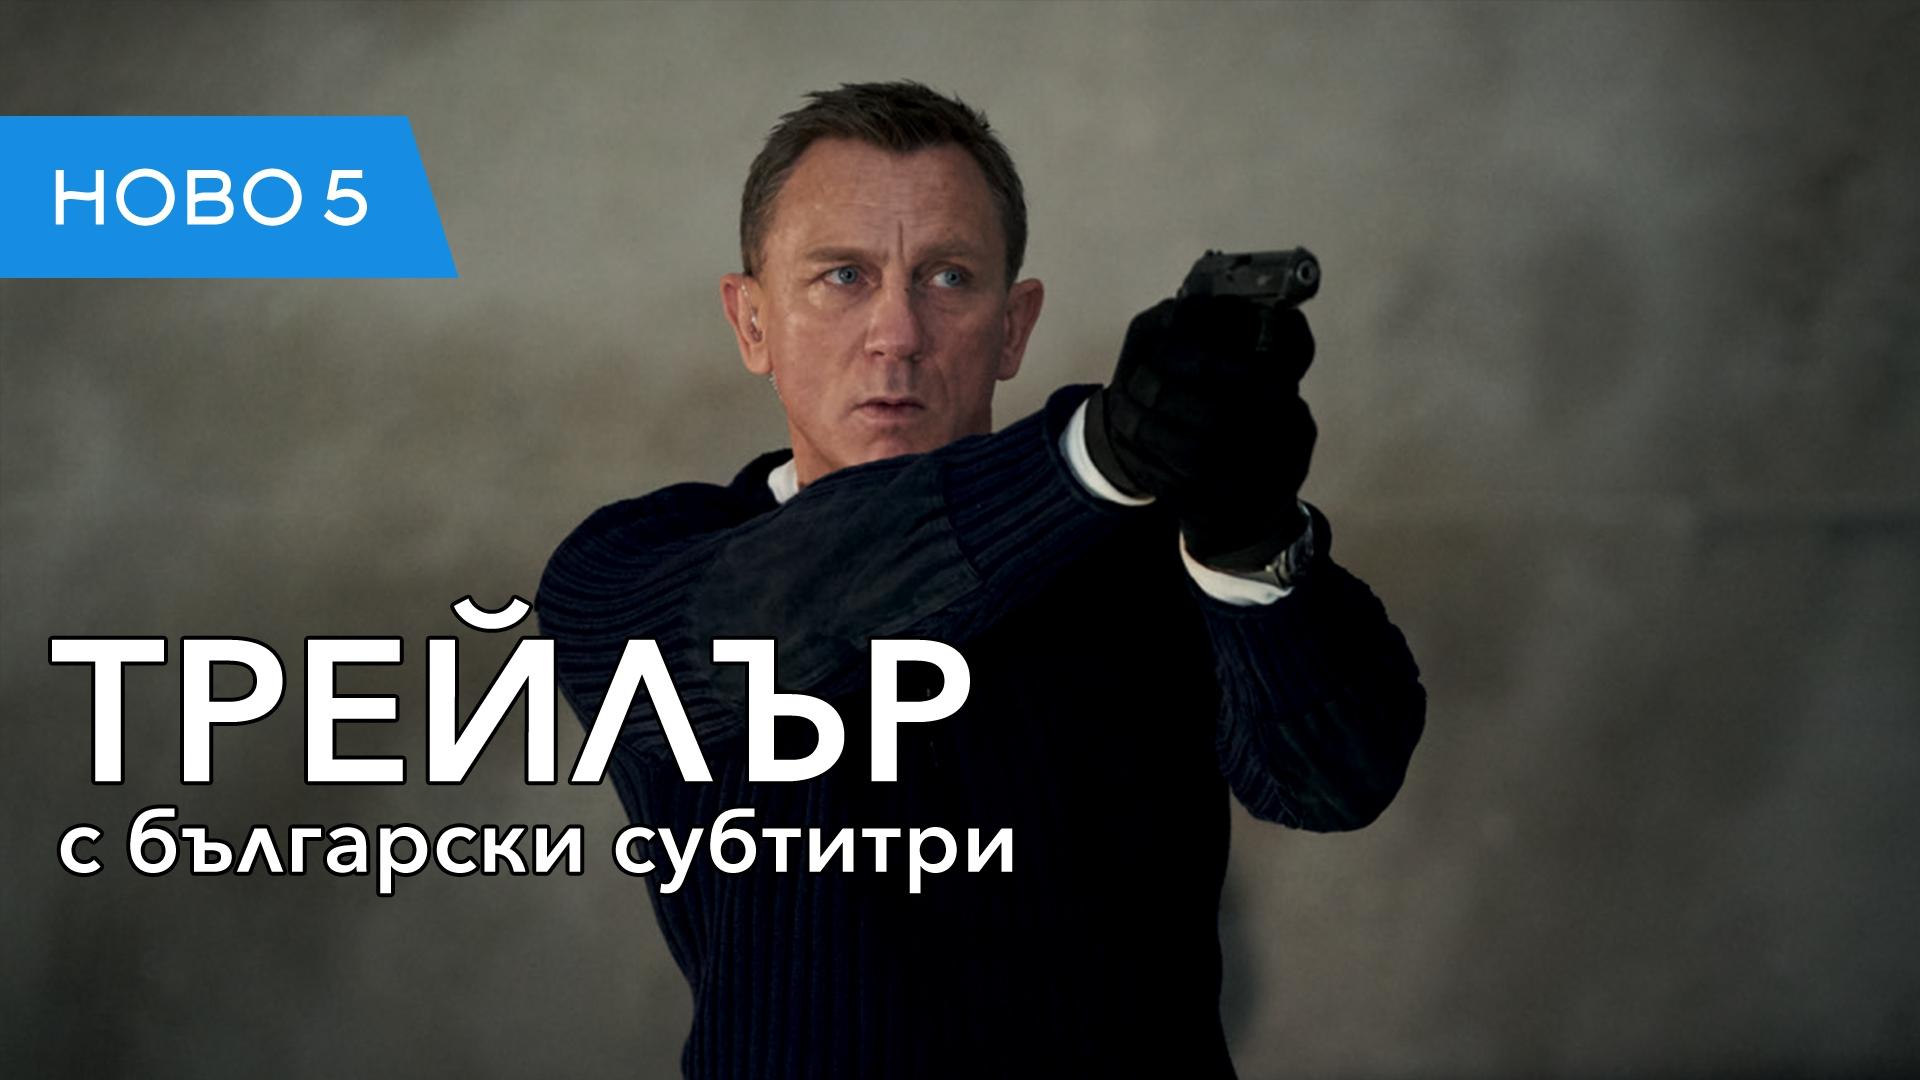 Смъртта Може Да Почака (2020) трейлър с български субтитри